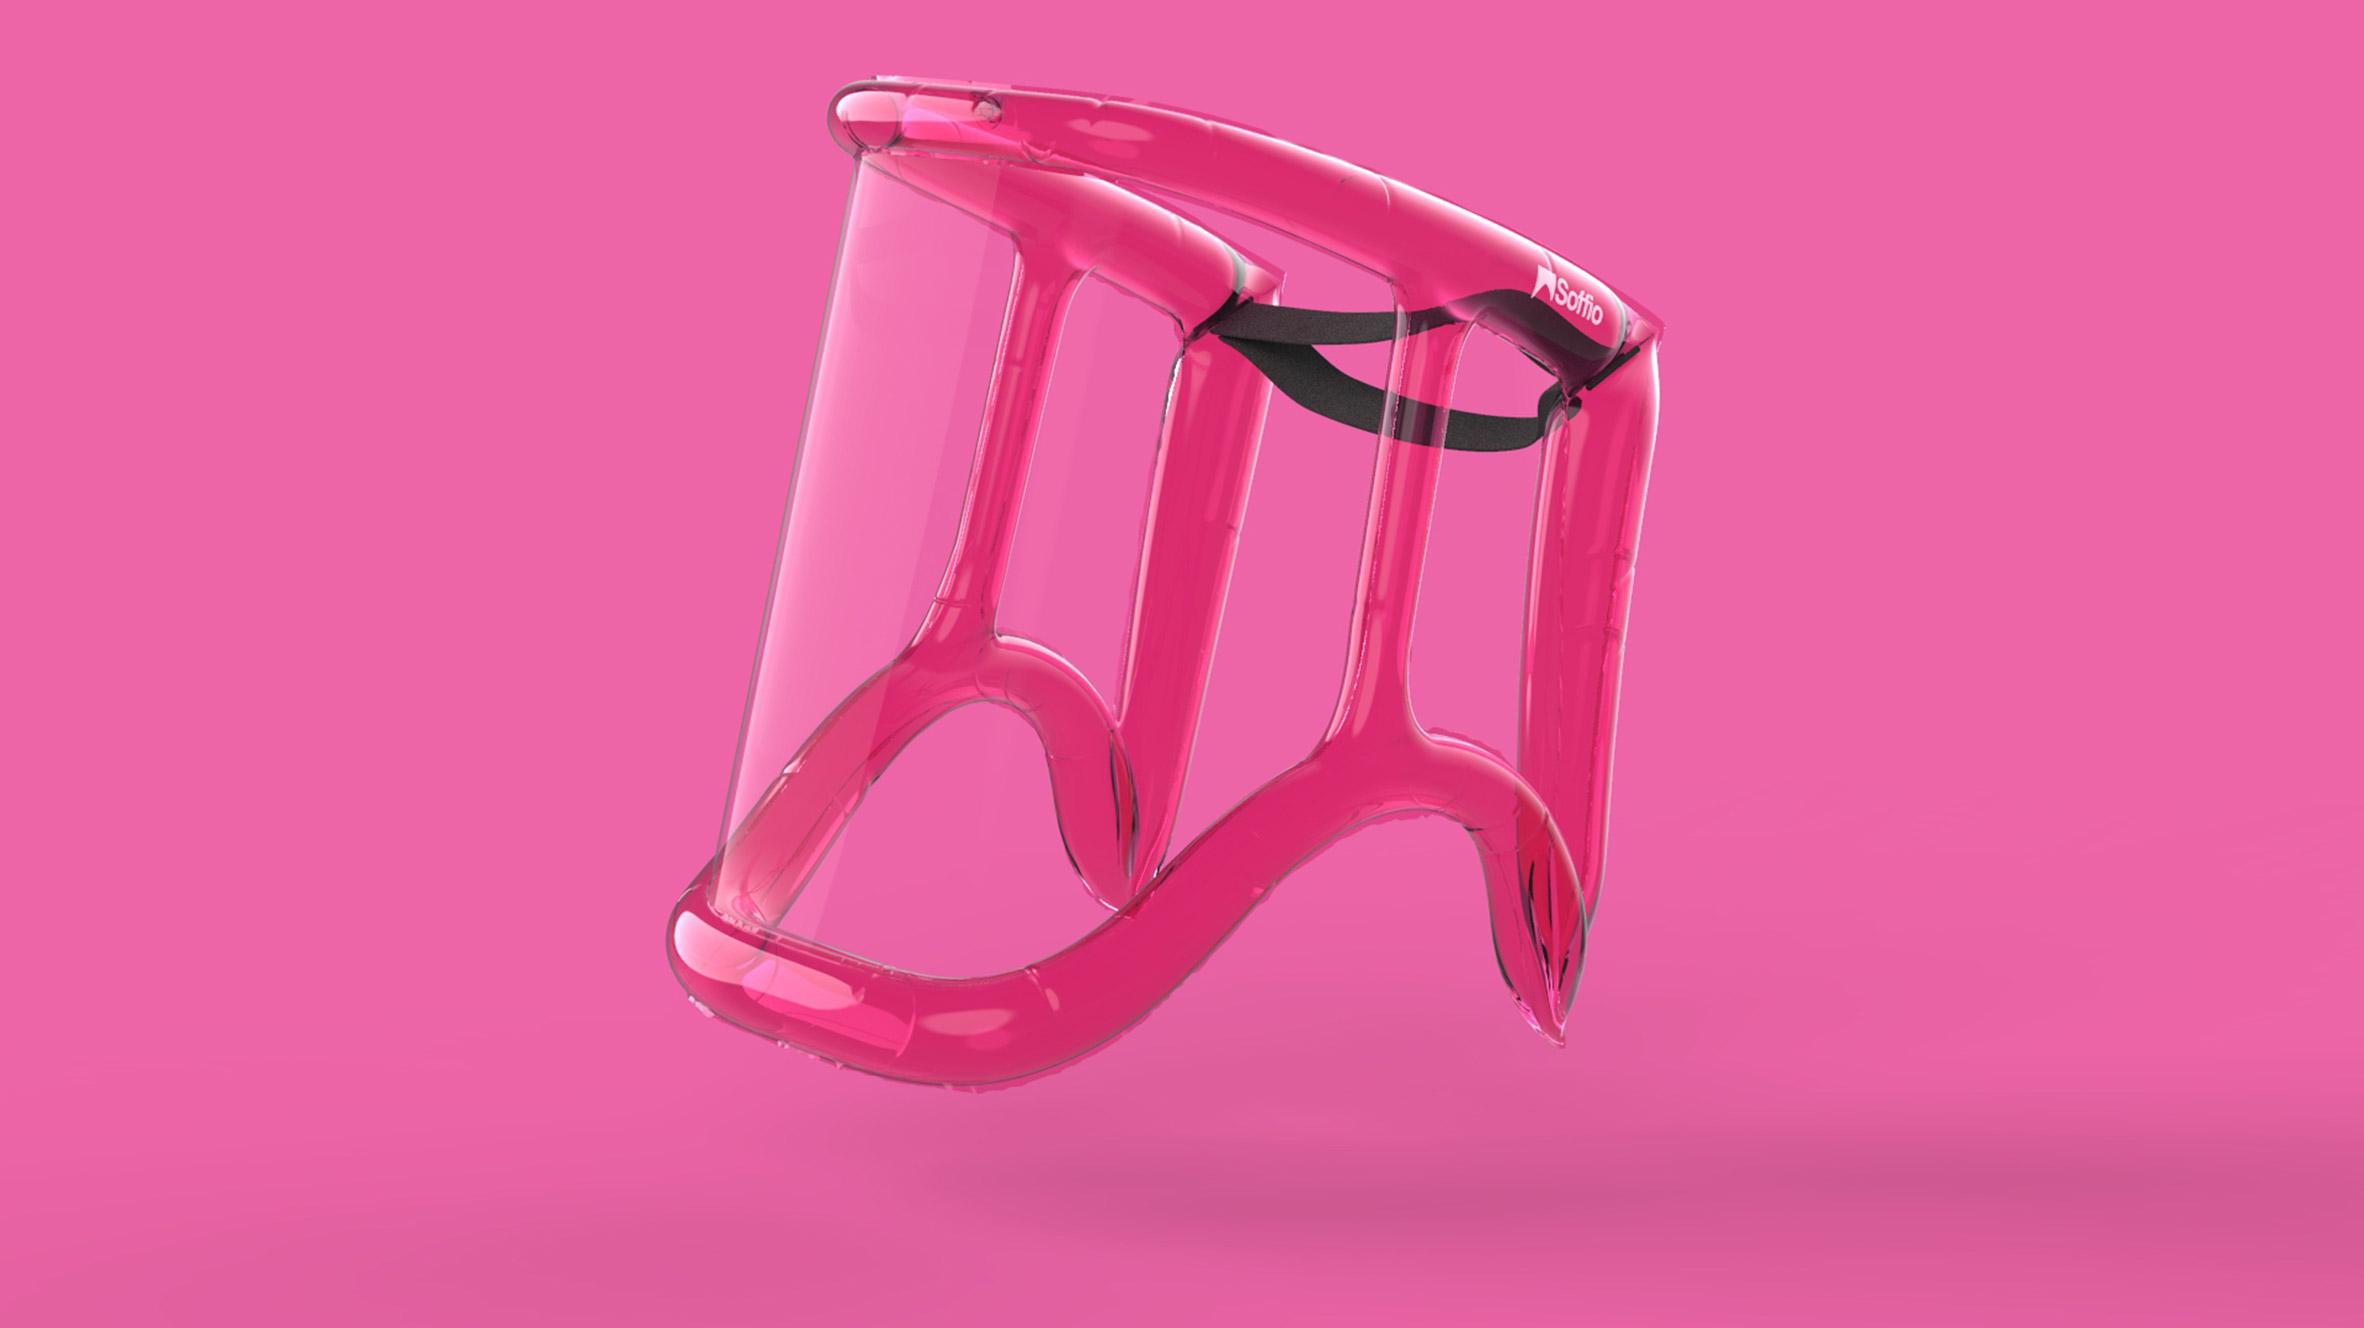 margstudio-alessio-casciano-angeletti-ruzza-inflatable-face-shield_dezeen_2364_col_1